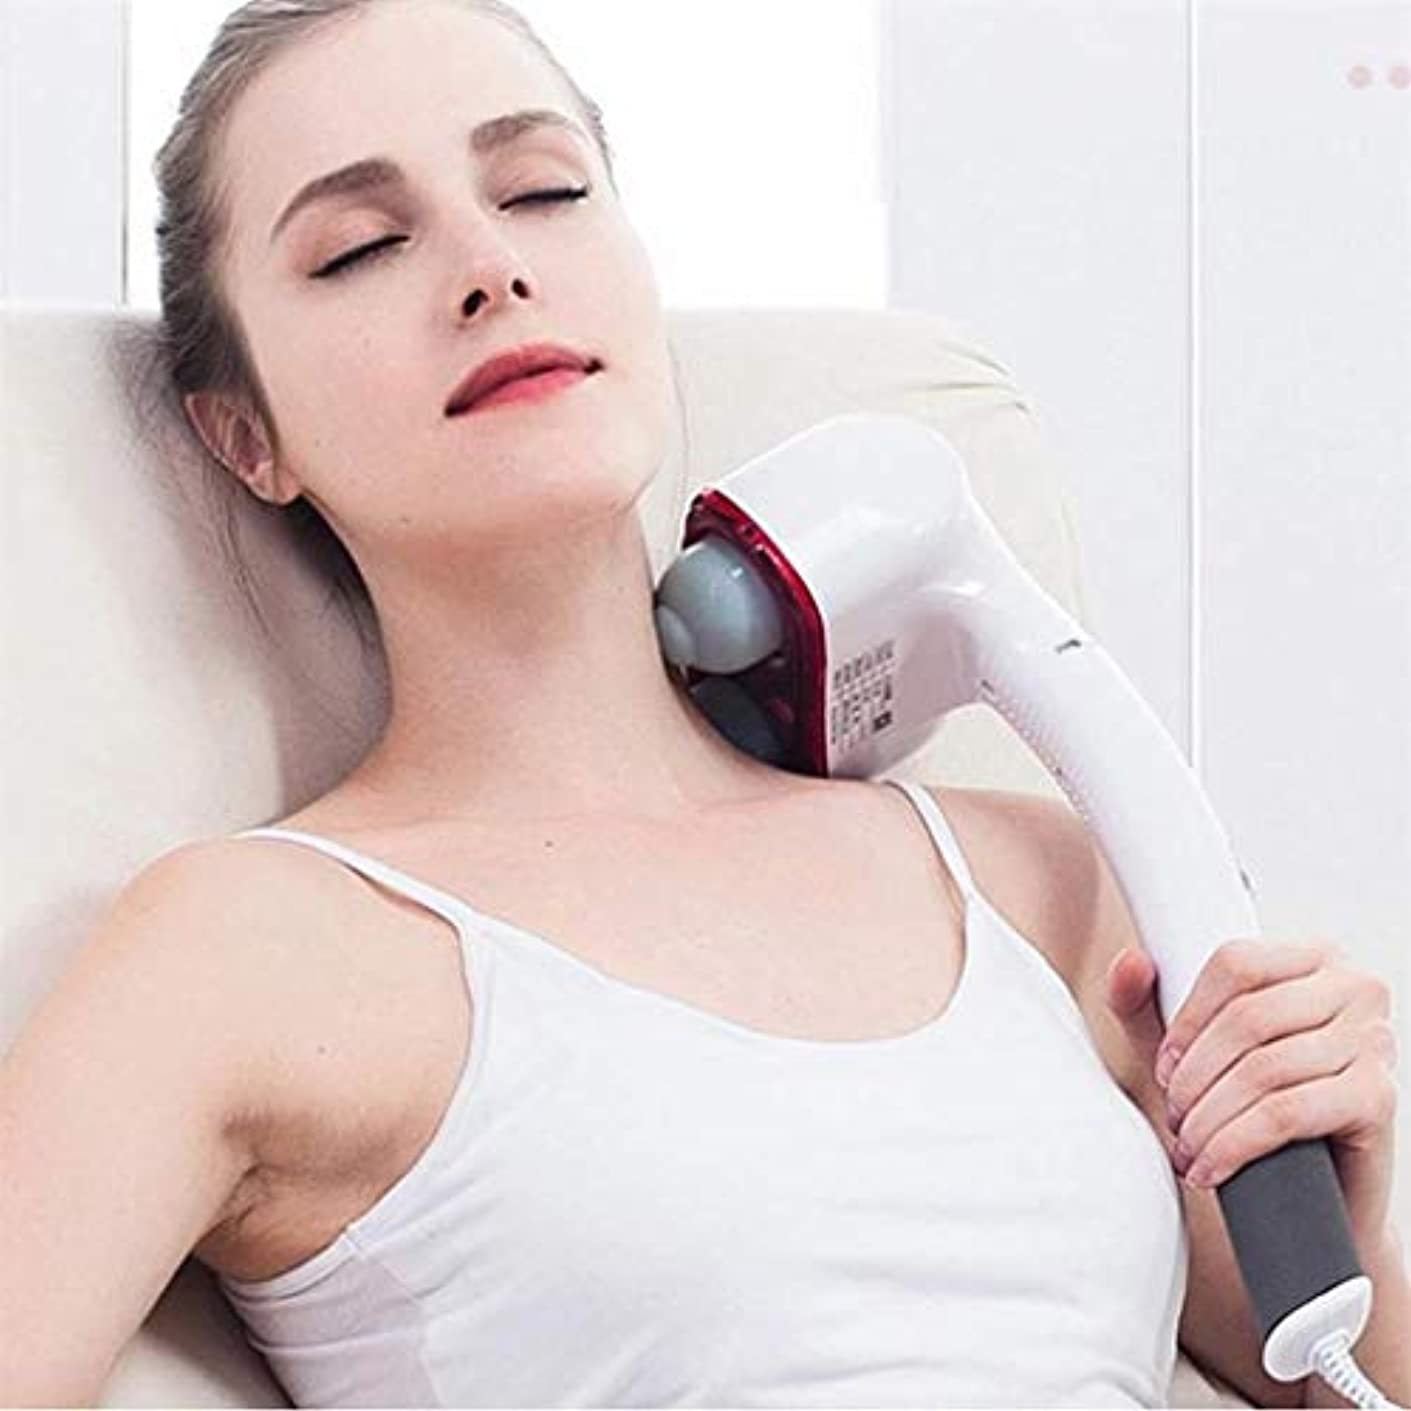 急勾配の安西悪化させる電気マッサージャー、ハンドヘルドバックマッサージャー、ポータブルネック振動マッサージャー、ストレス/痛みを和らげる、血液循環/睡眠を促進する